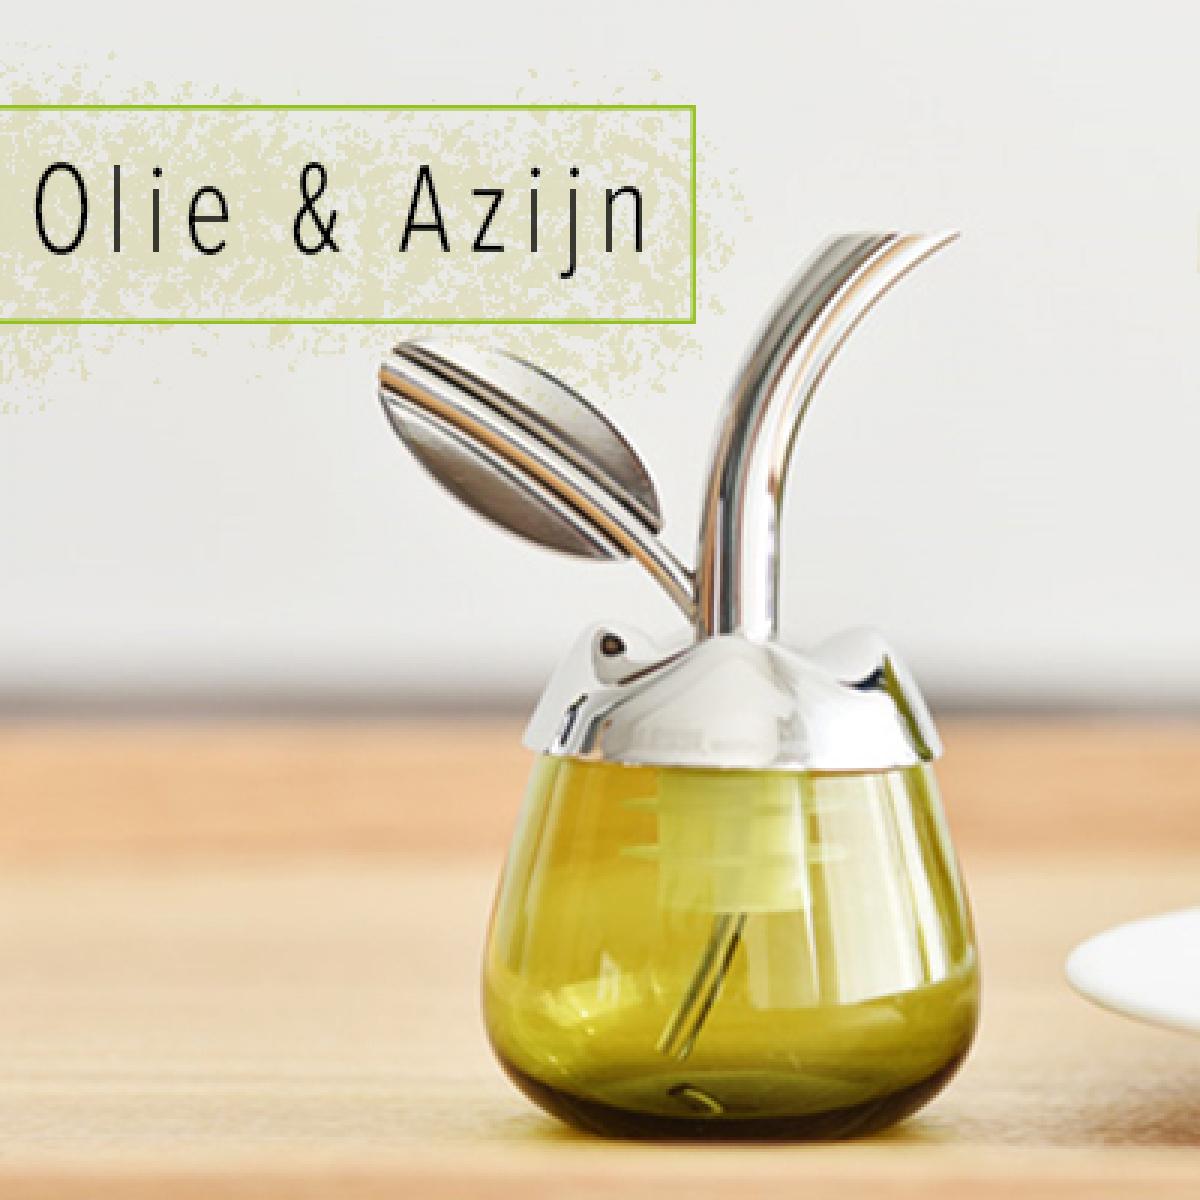 Olie & Azijn